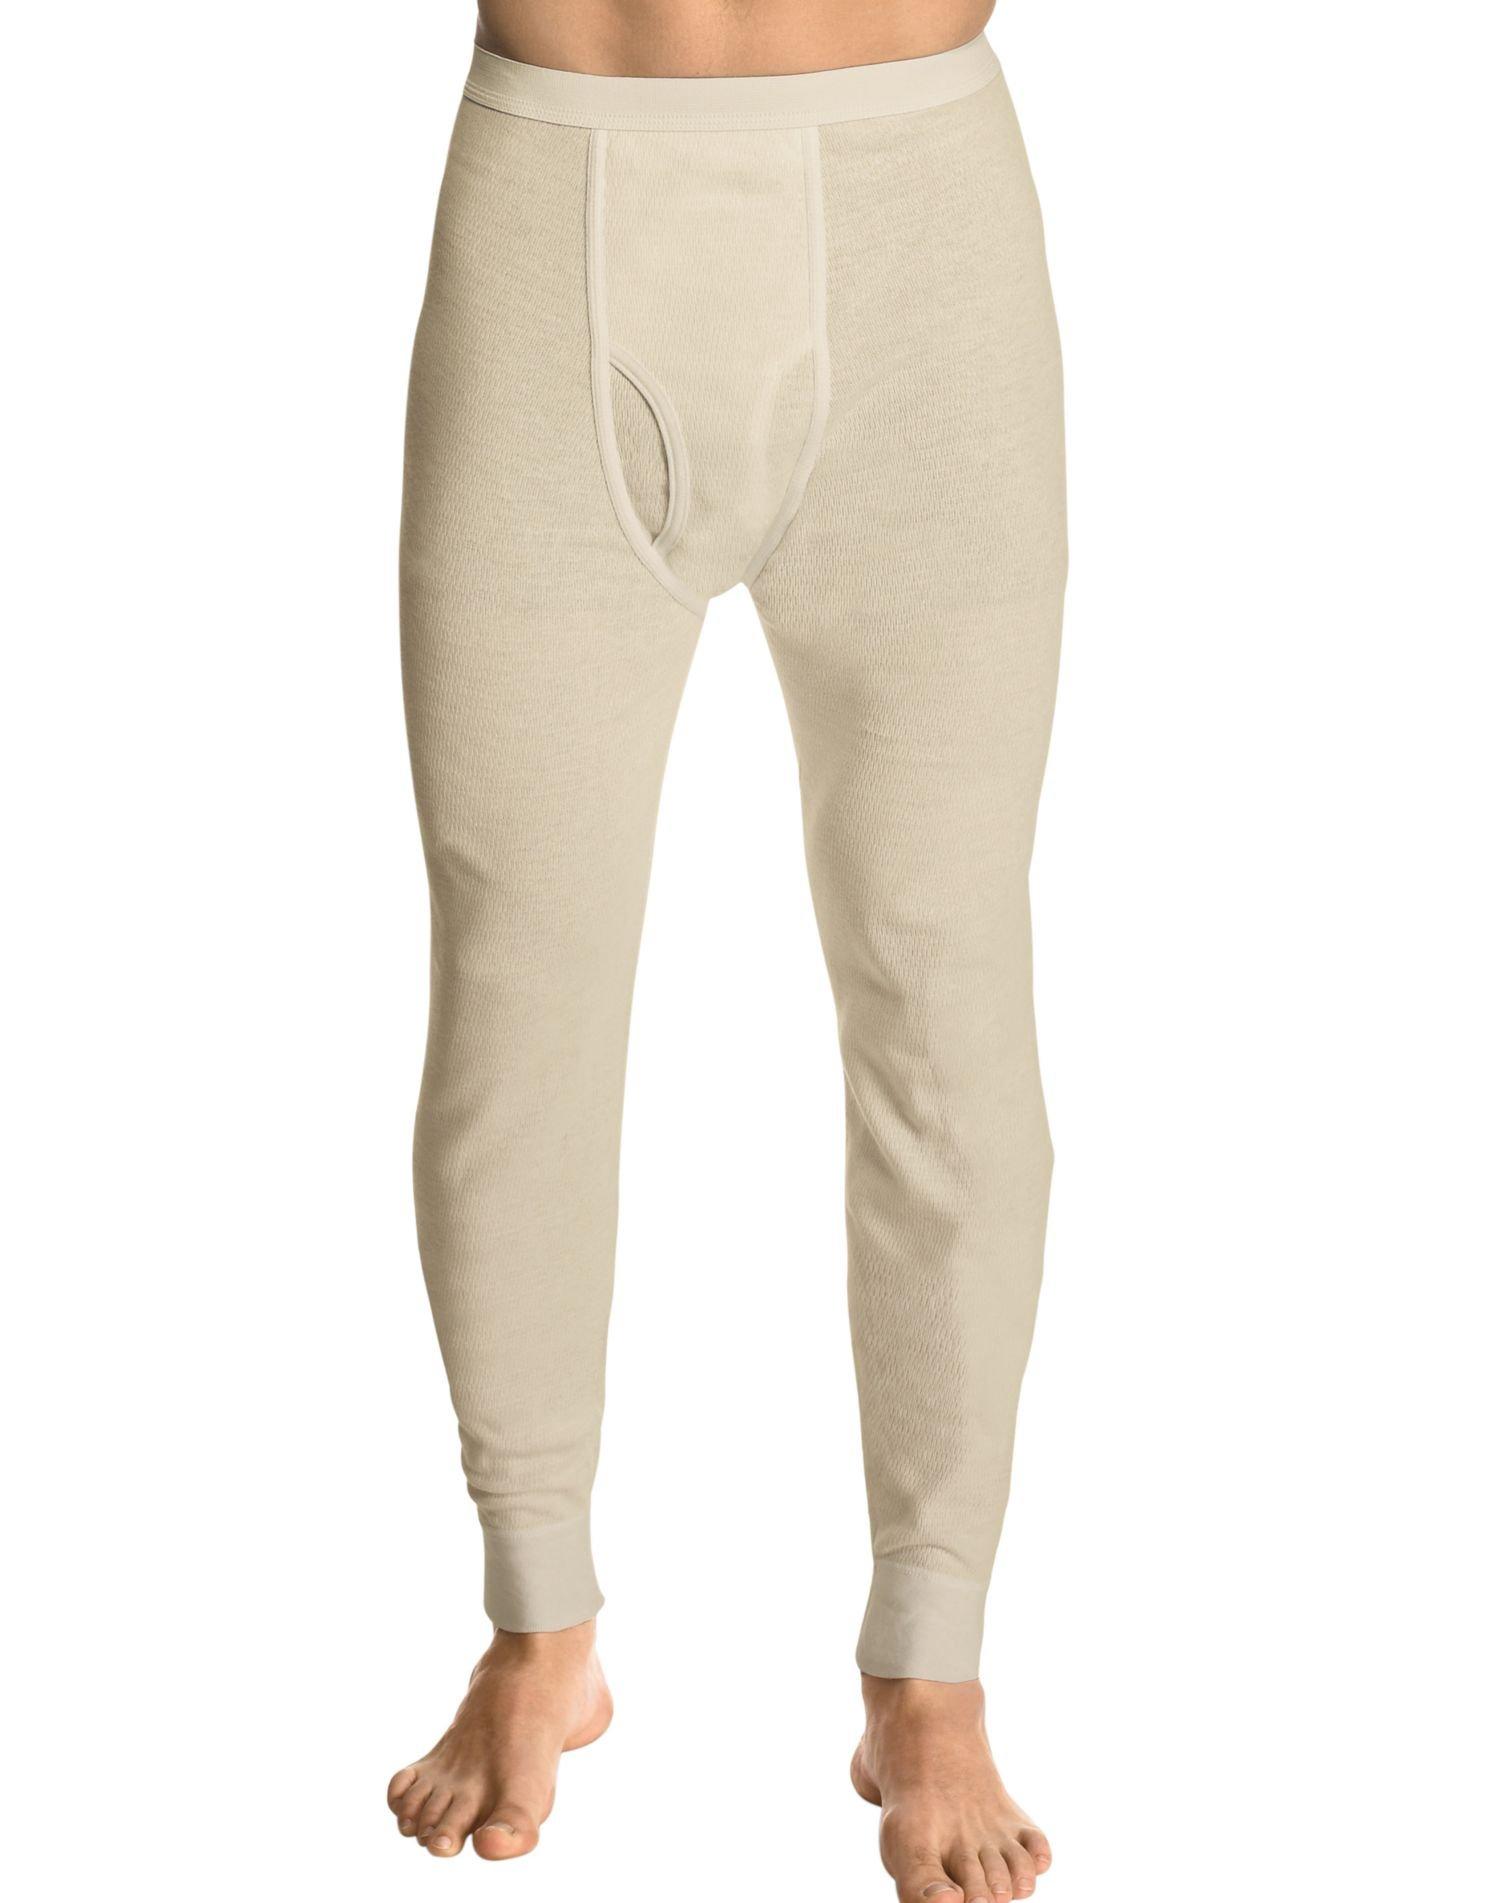 Hanes Men's X-Temp Thermal Pant, Natural, Small